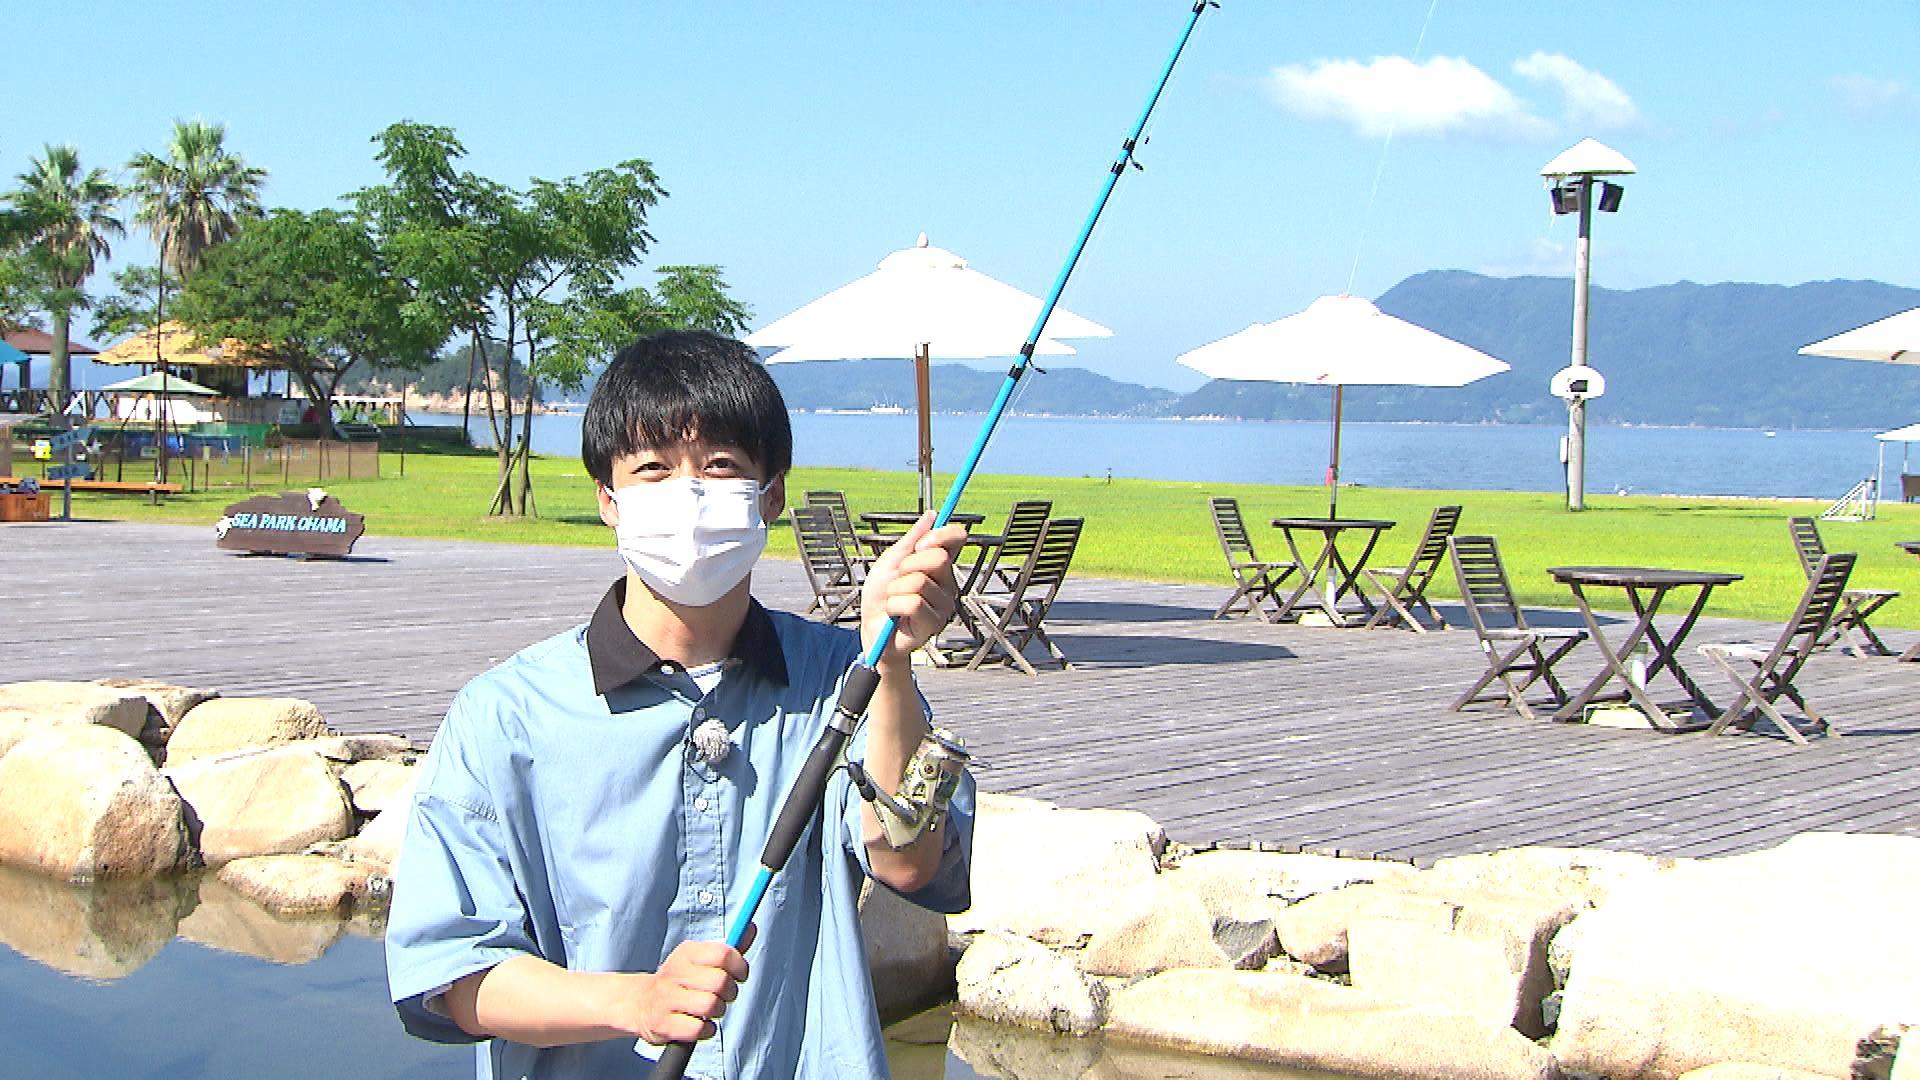 釣り堀体験は、90分・500円。釣った魚は1匹目から買い取り。鮮魚加工料は別途必要。